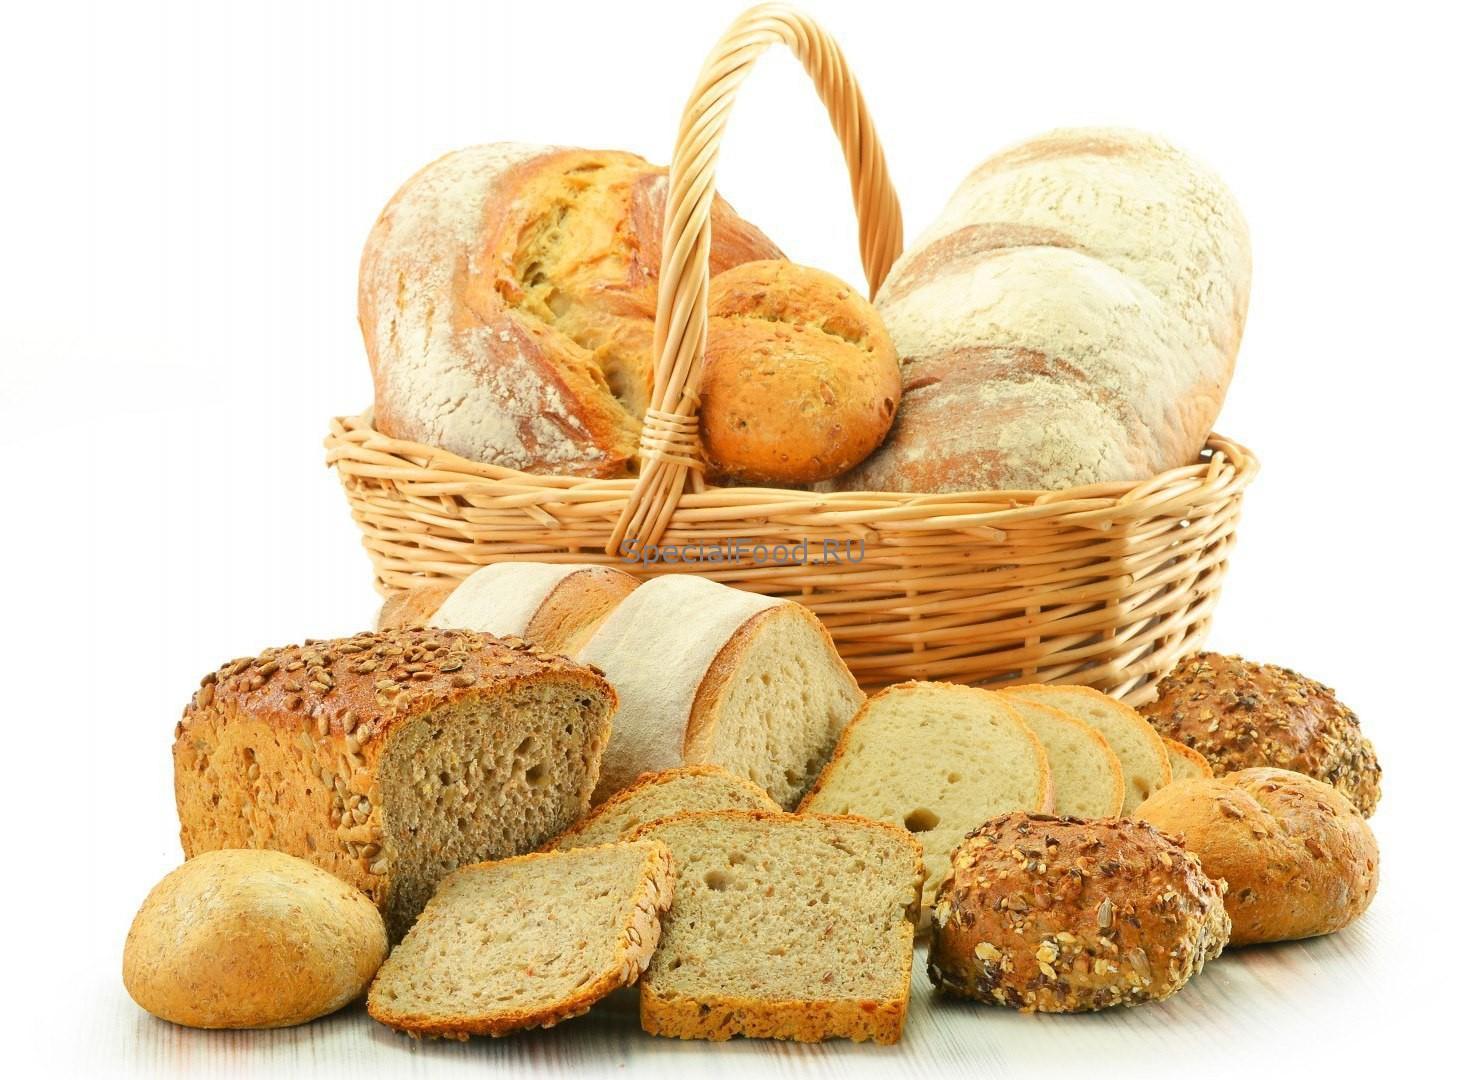 Хлеб это углеводы или белки